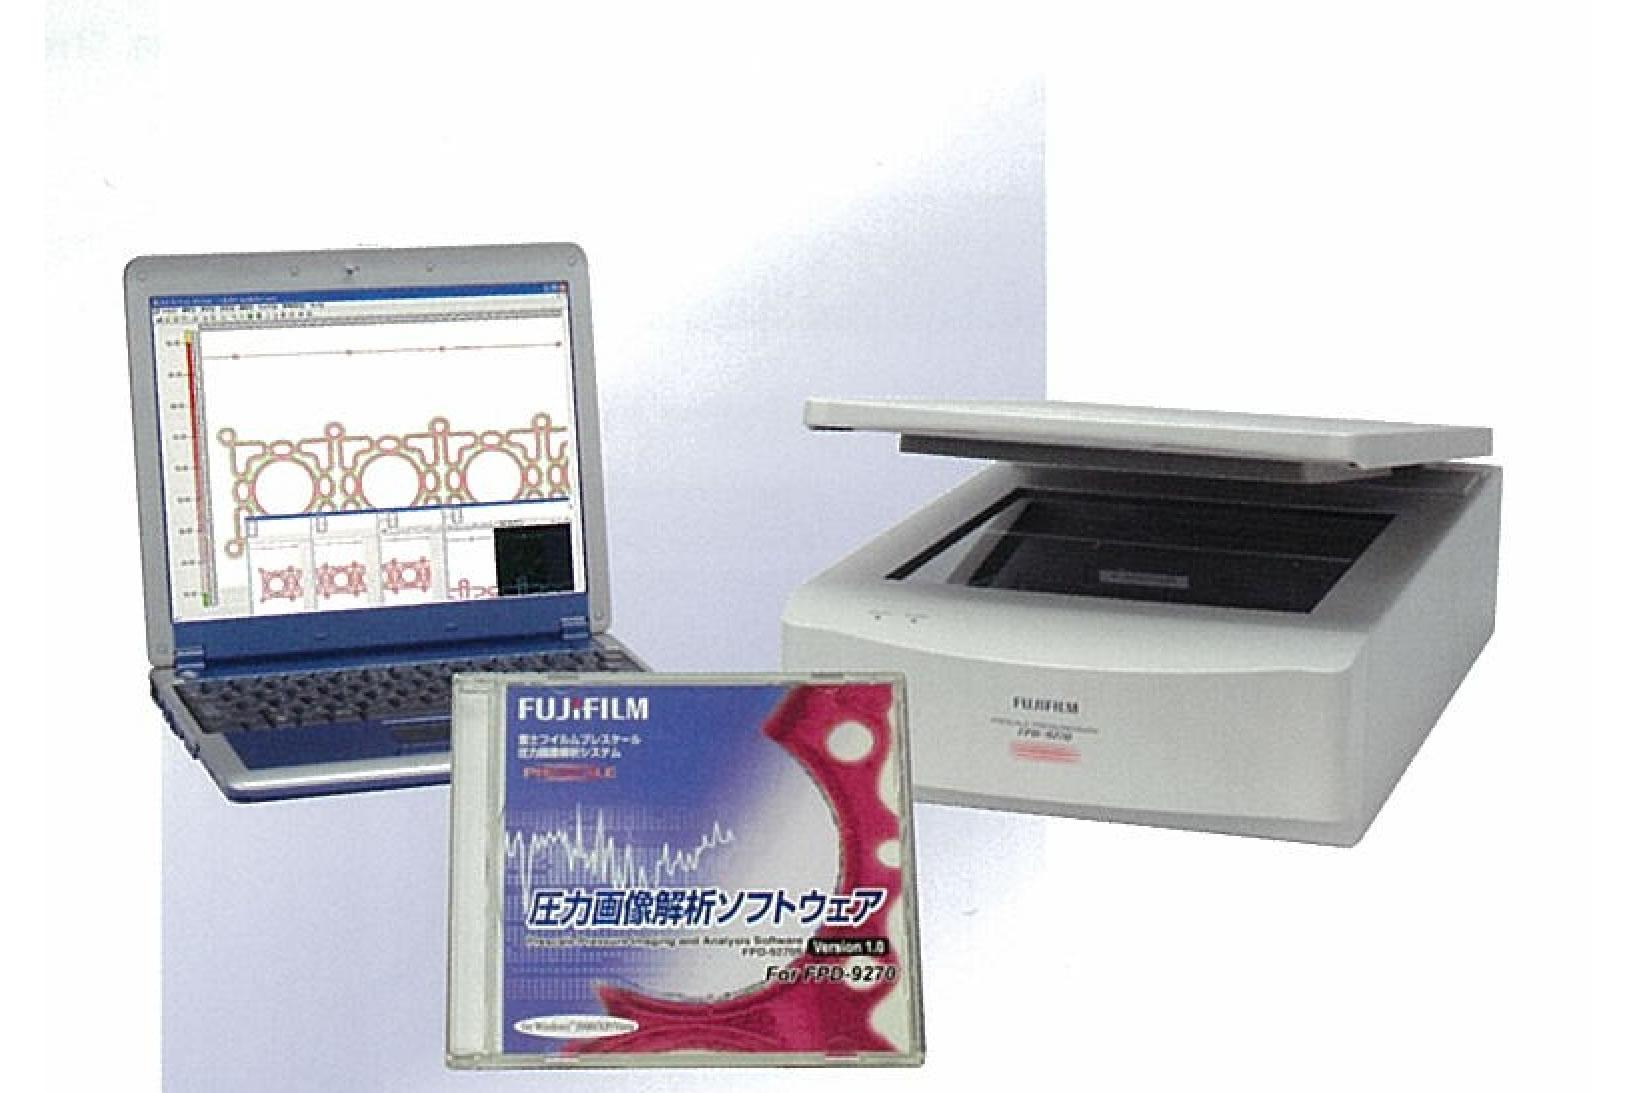 富士フィルム 圧力画像解析システム FPD-9270